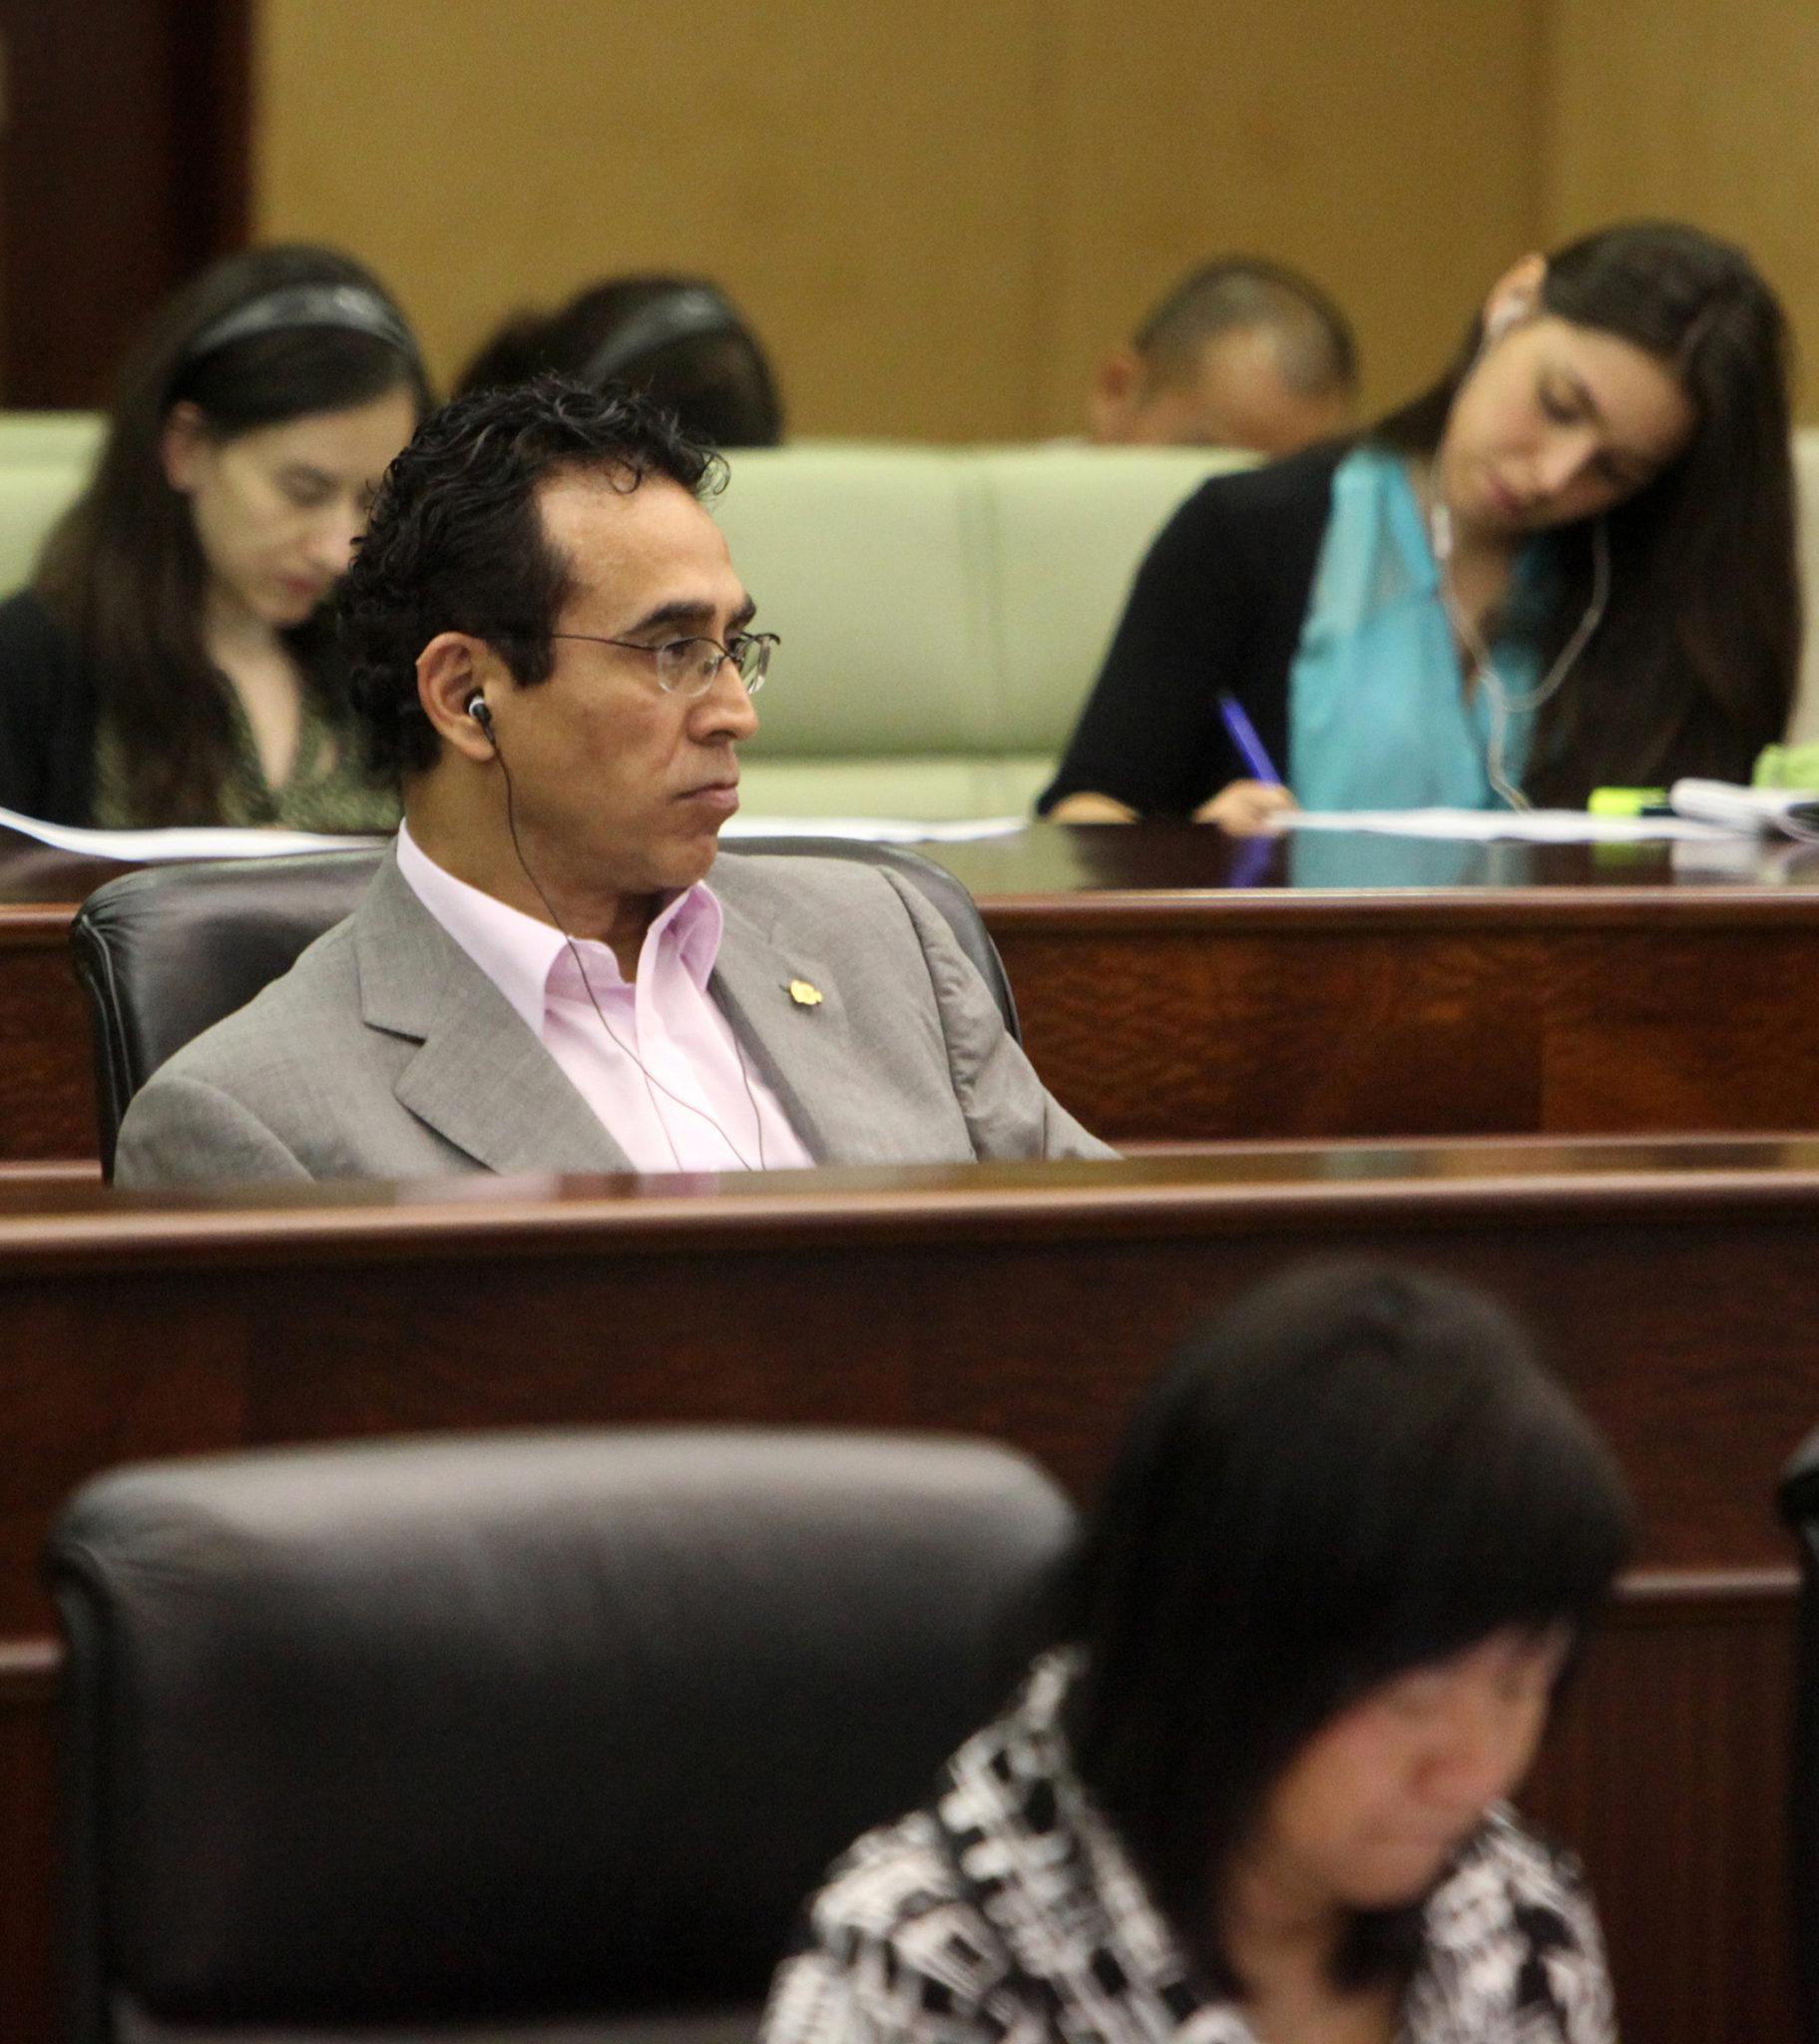 Criptomoeda | Pereira Coutinho investiu cerca de 700 mil dólares de HK